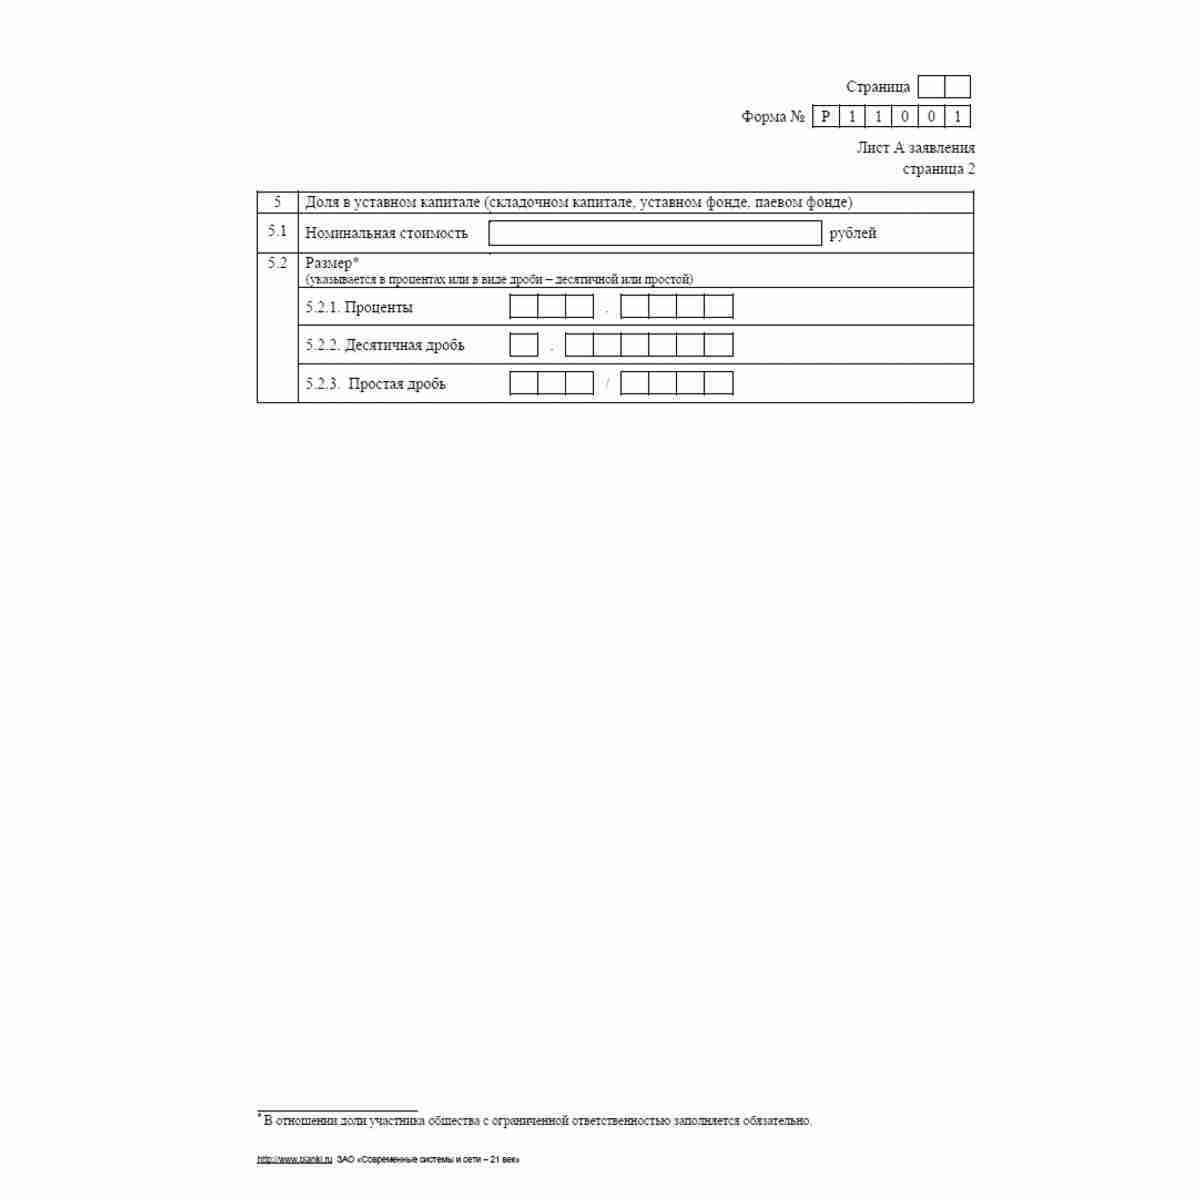 """Форма №Р11001 (рекомендованная) """"Заявление о государственной регистрации юридического лица при создании""""."""